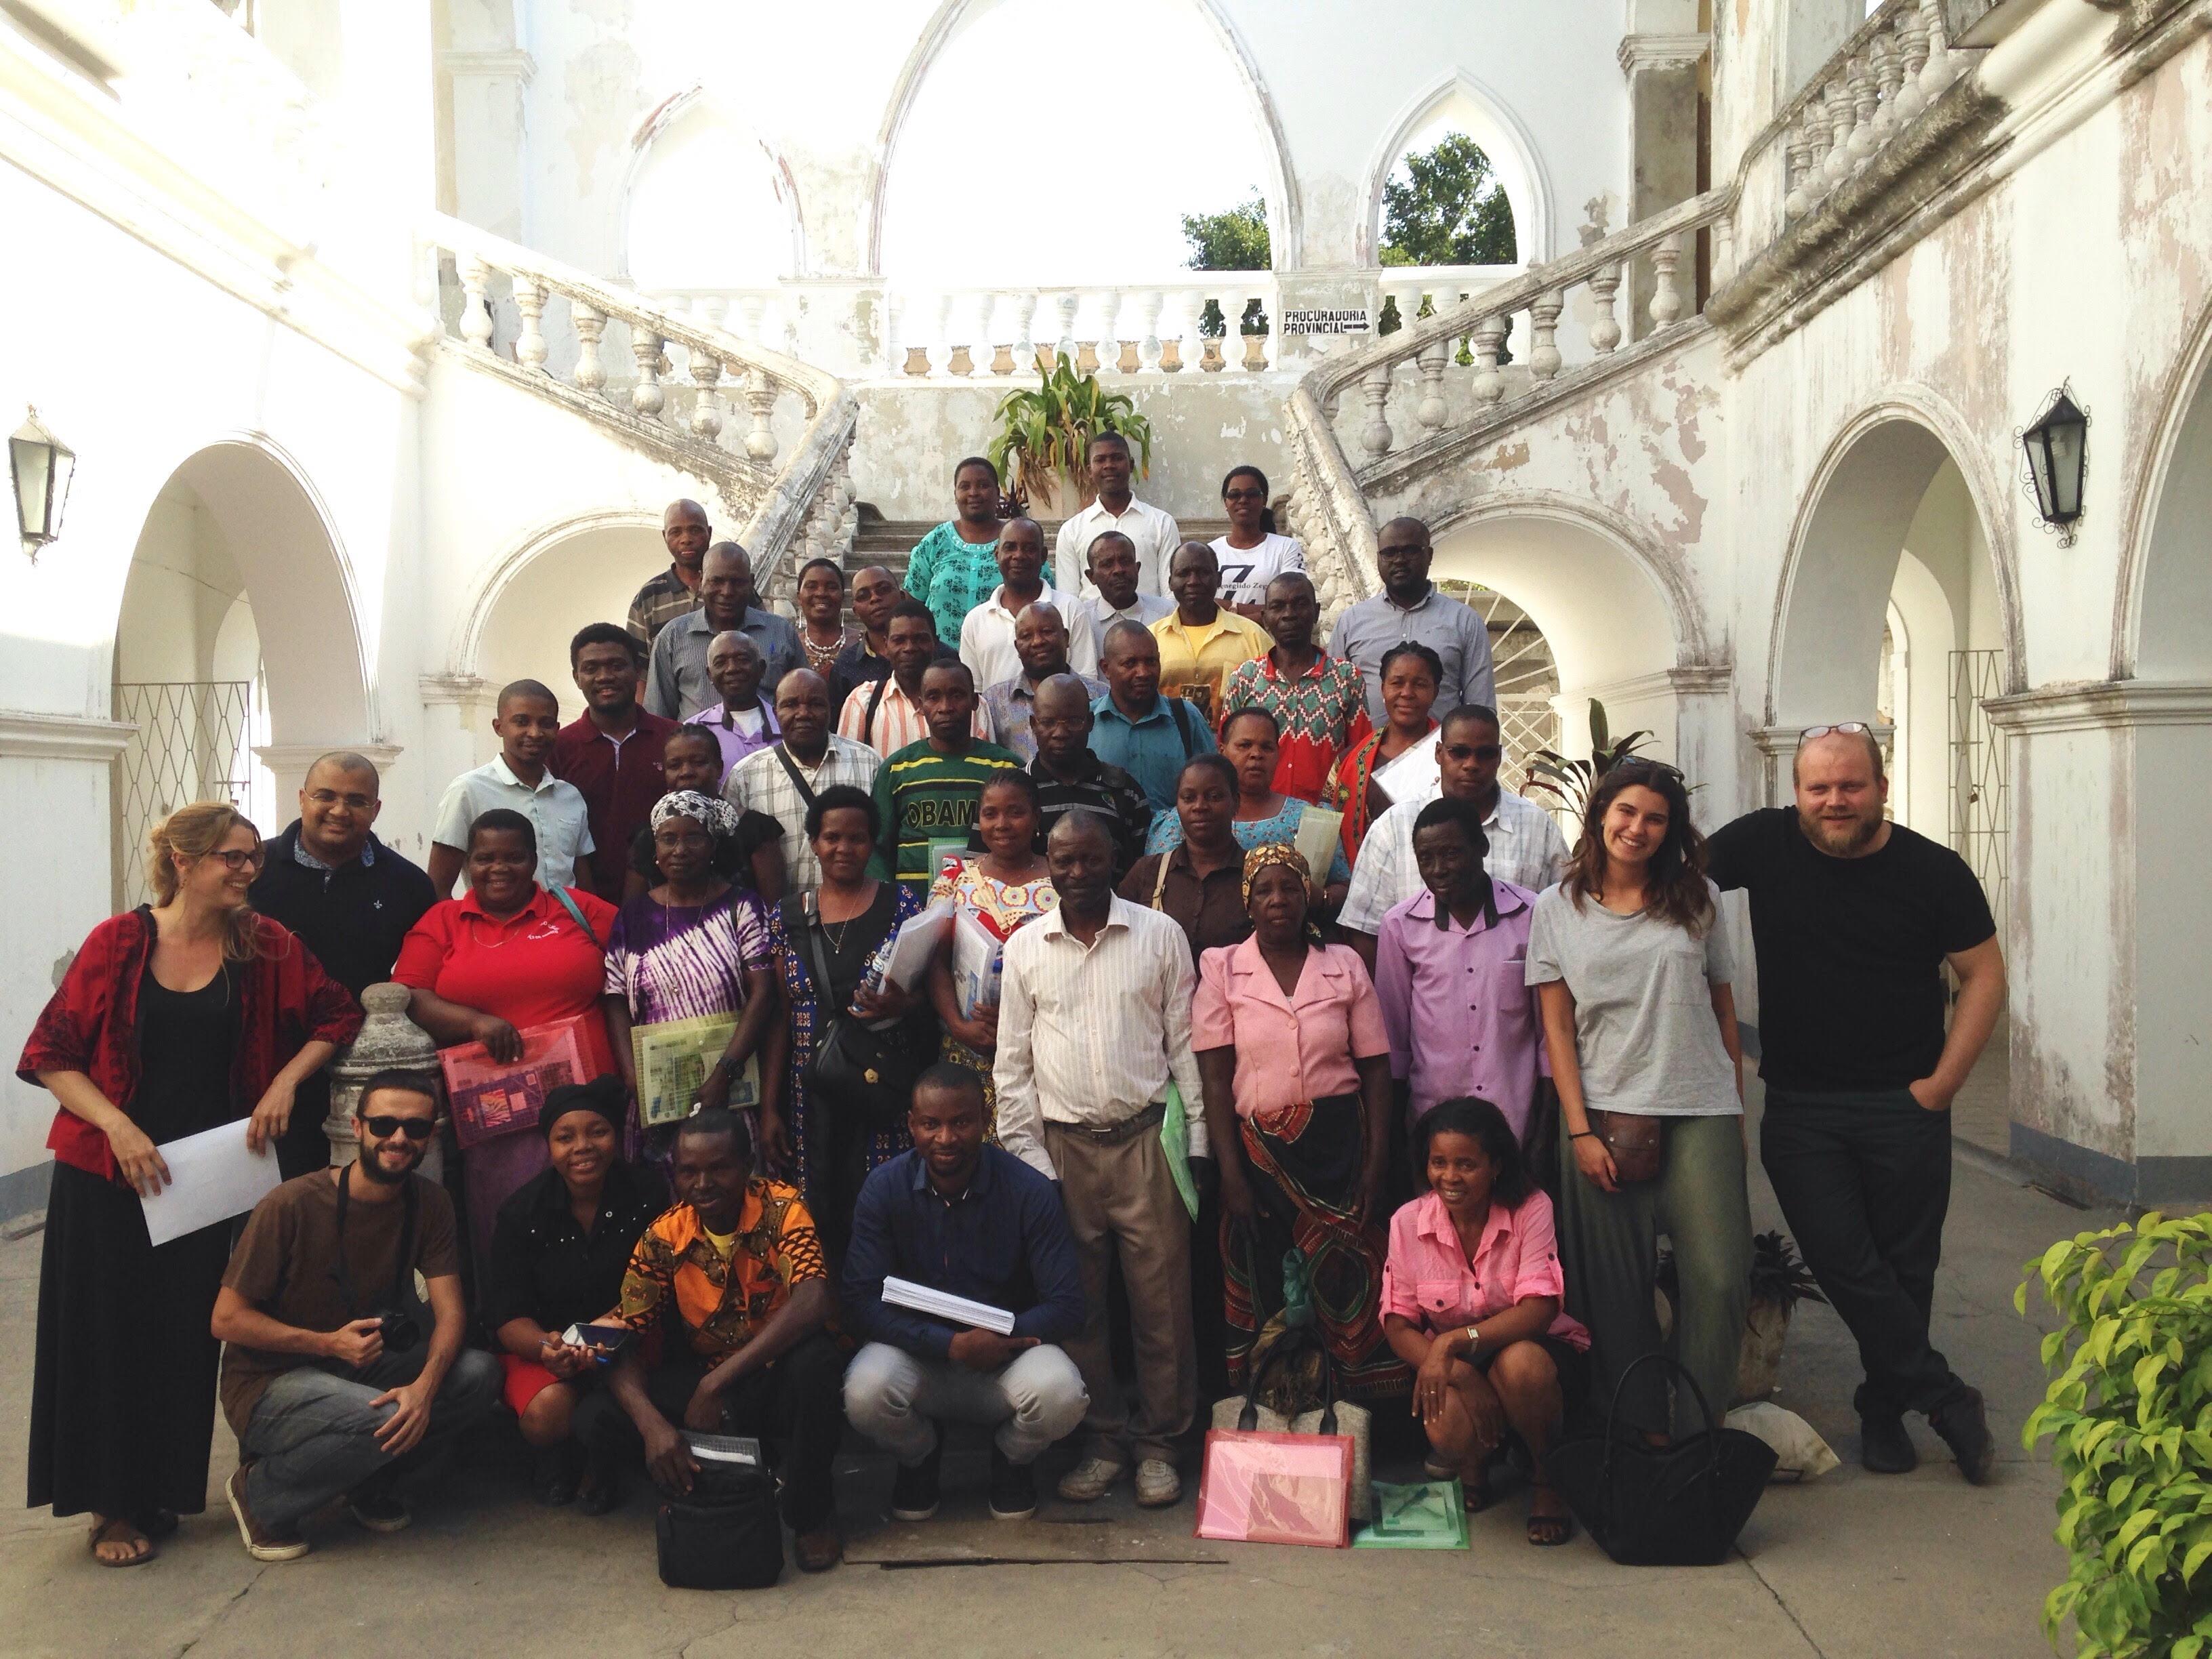 Jornades Participatives A L'Ajuntament D'Inhambane